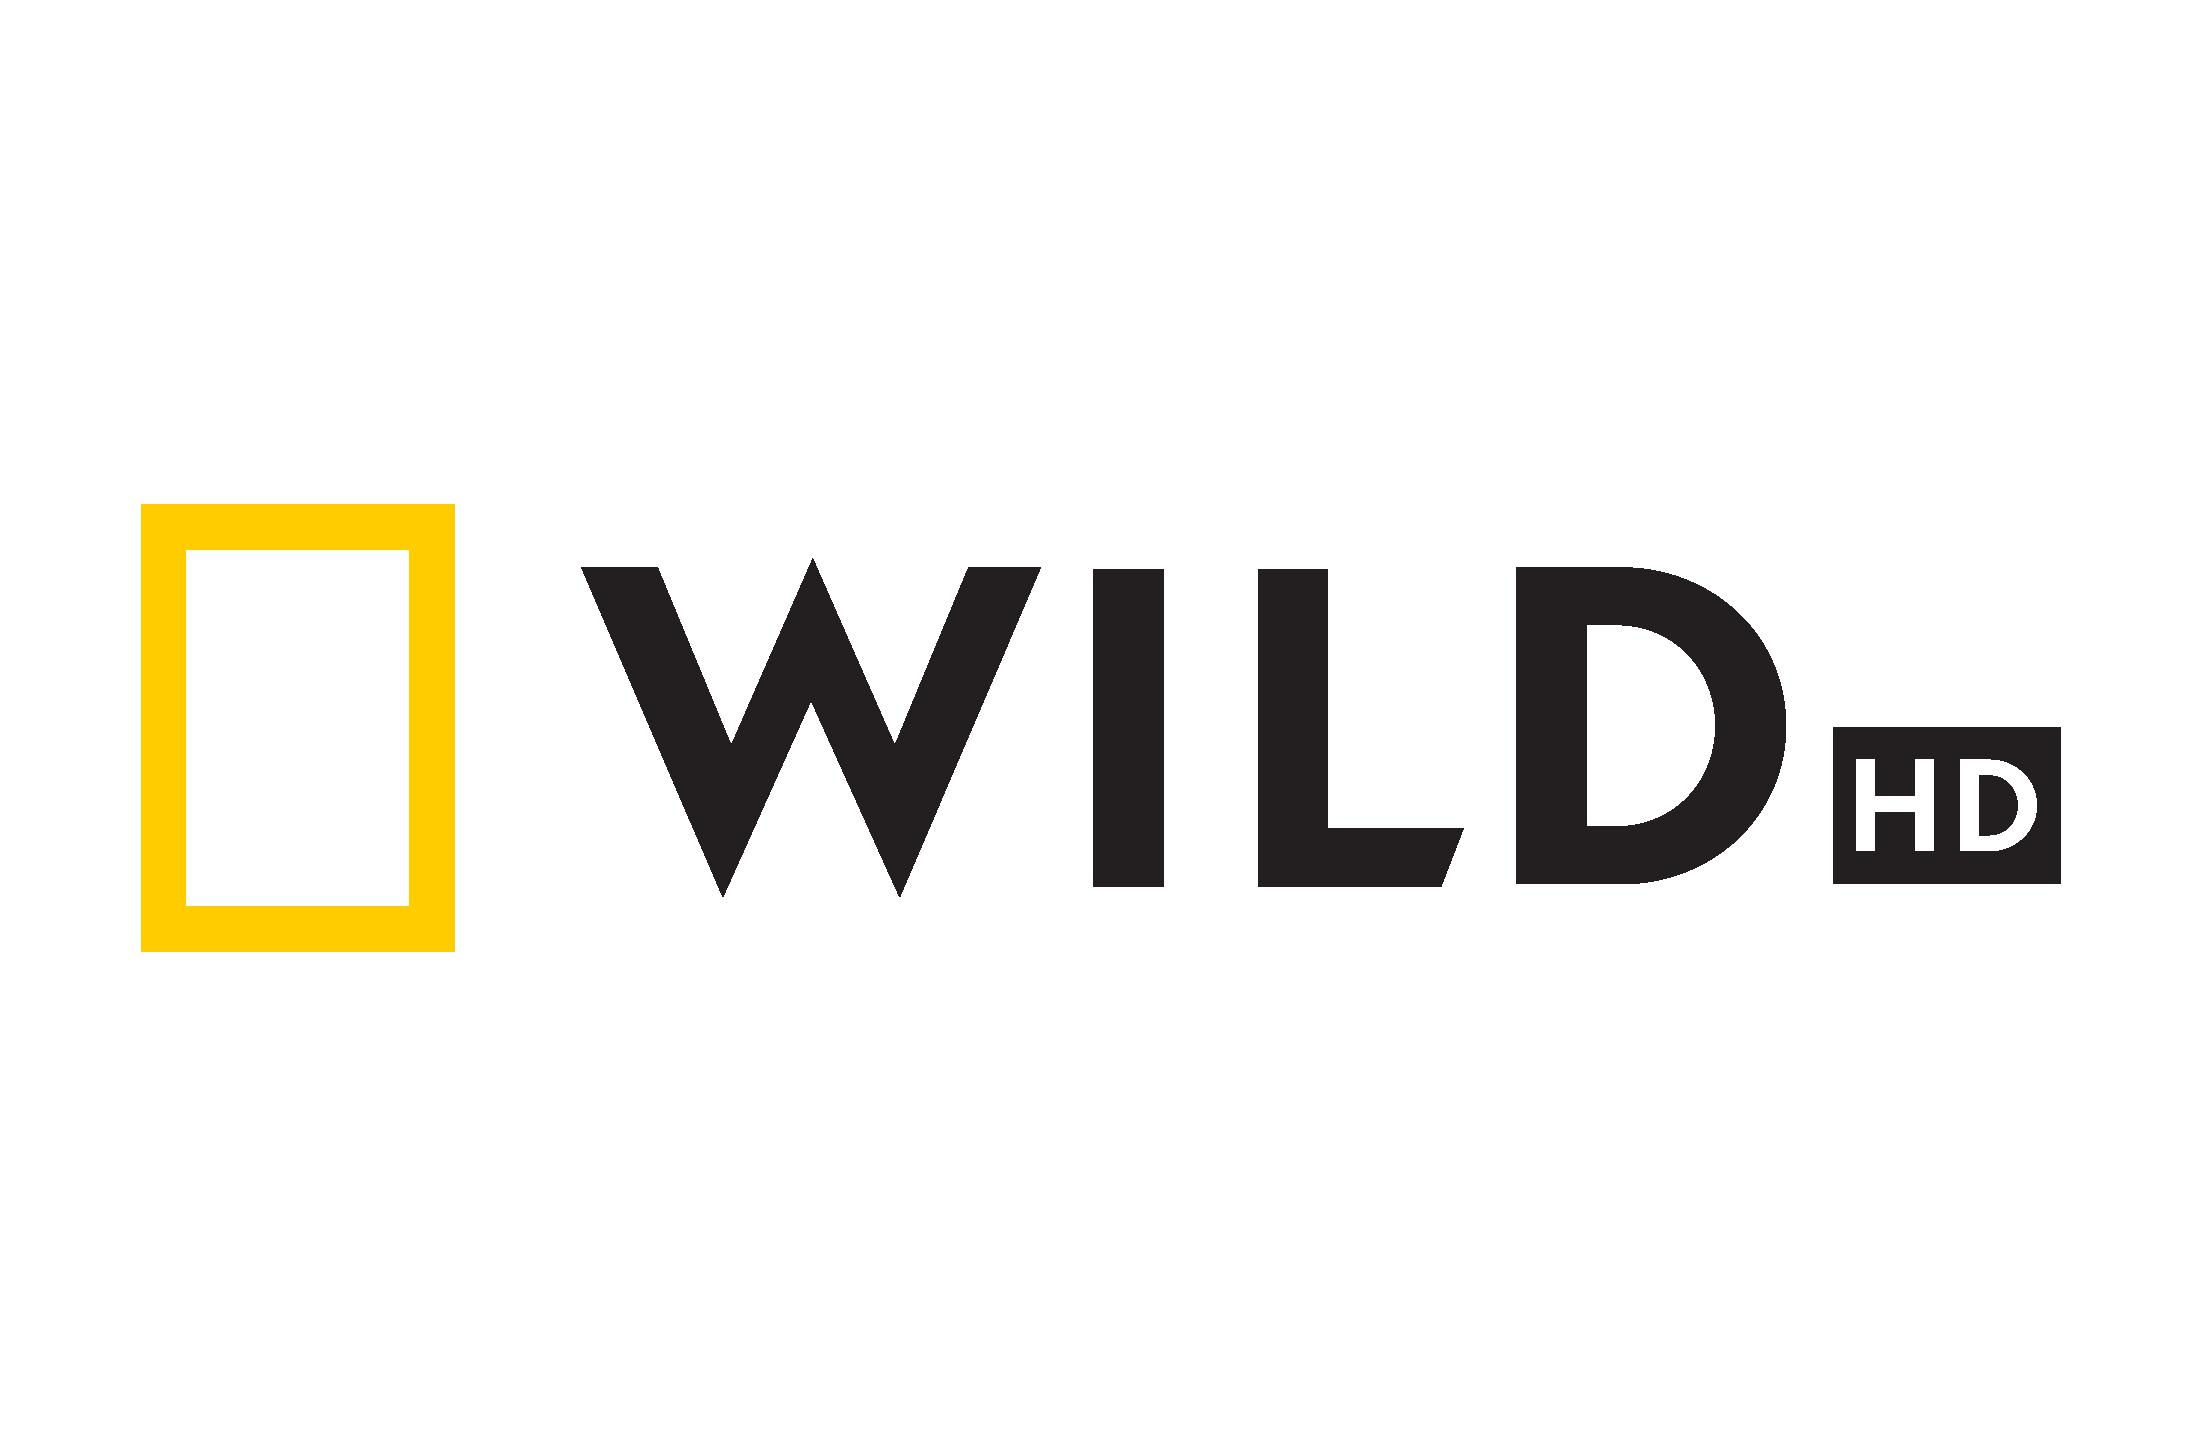 National Geographic Wild HD im Kabelfernsehen